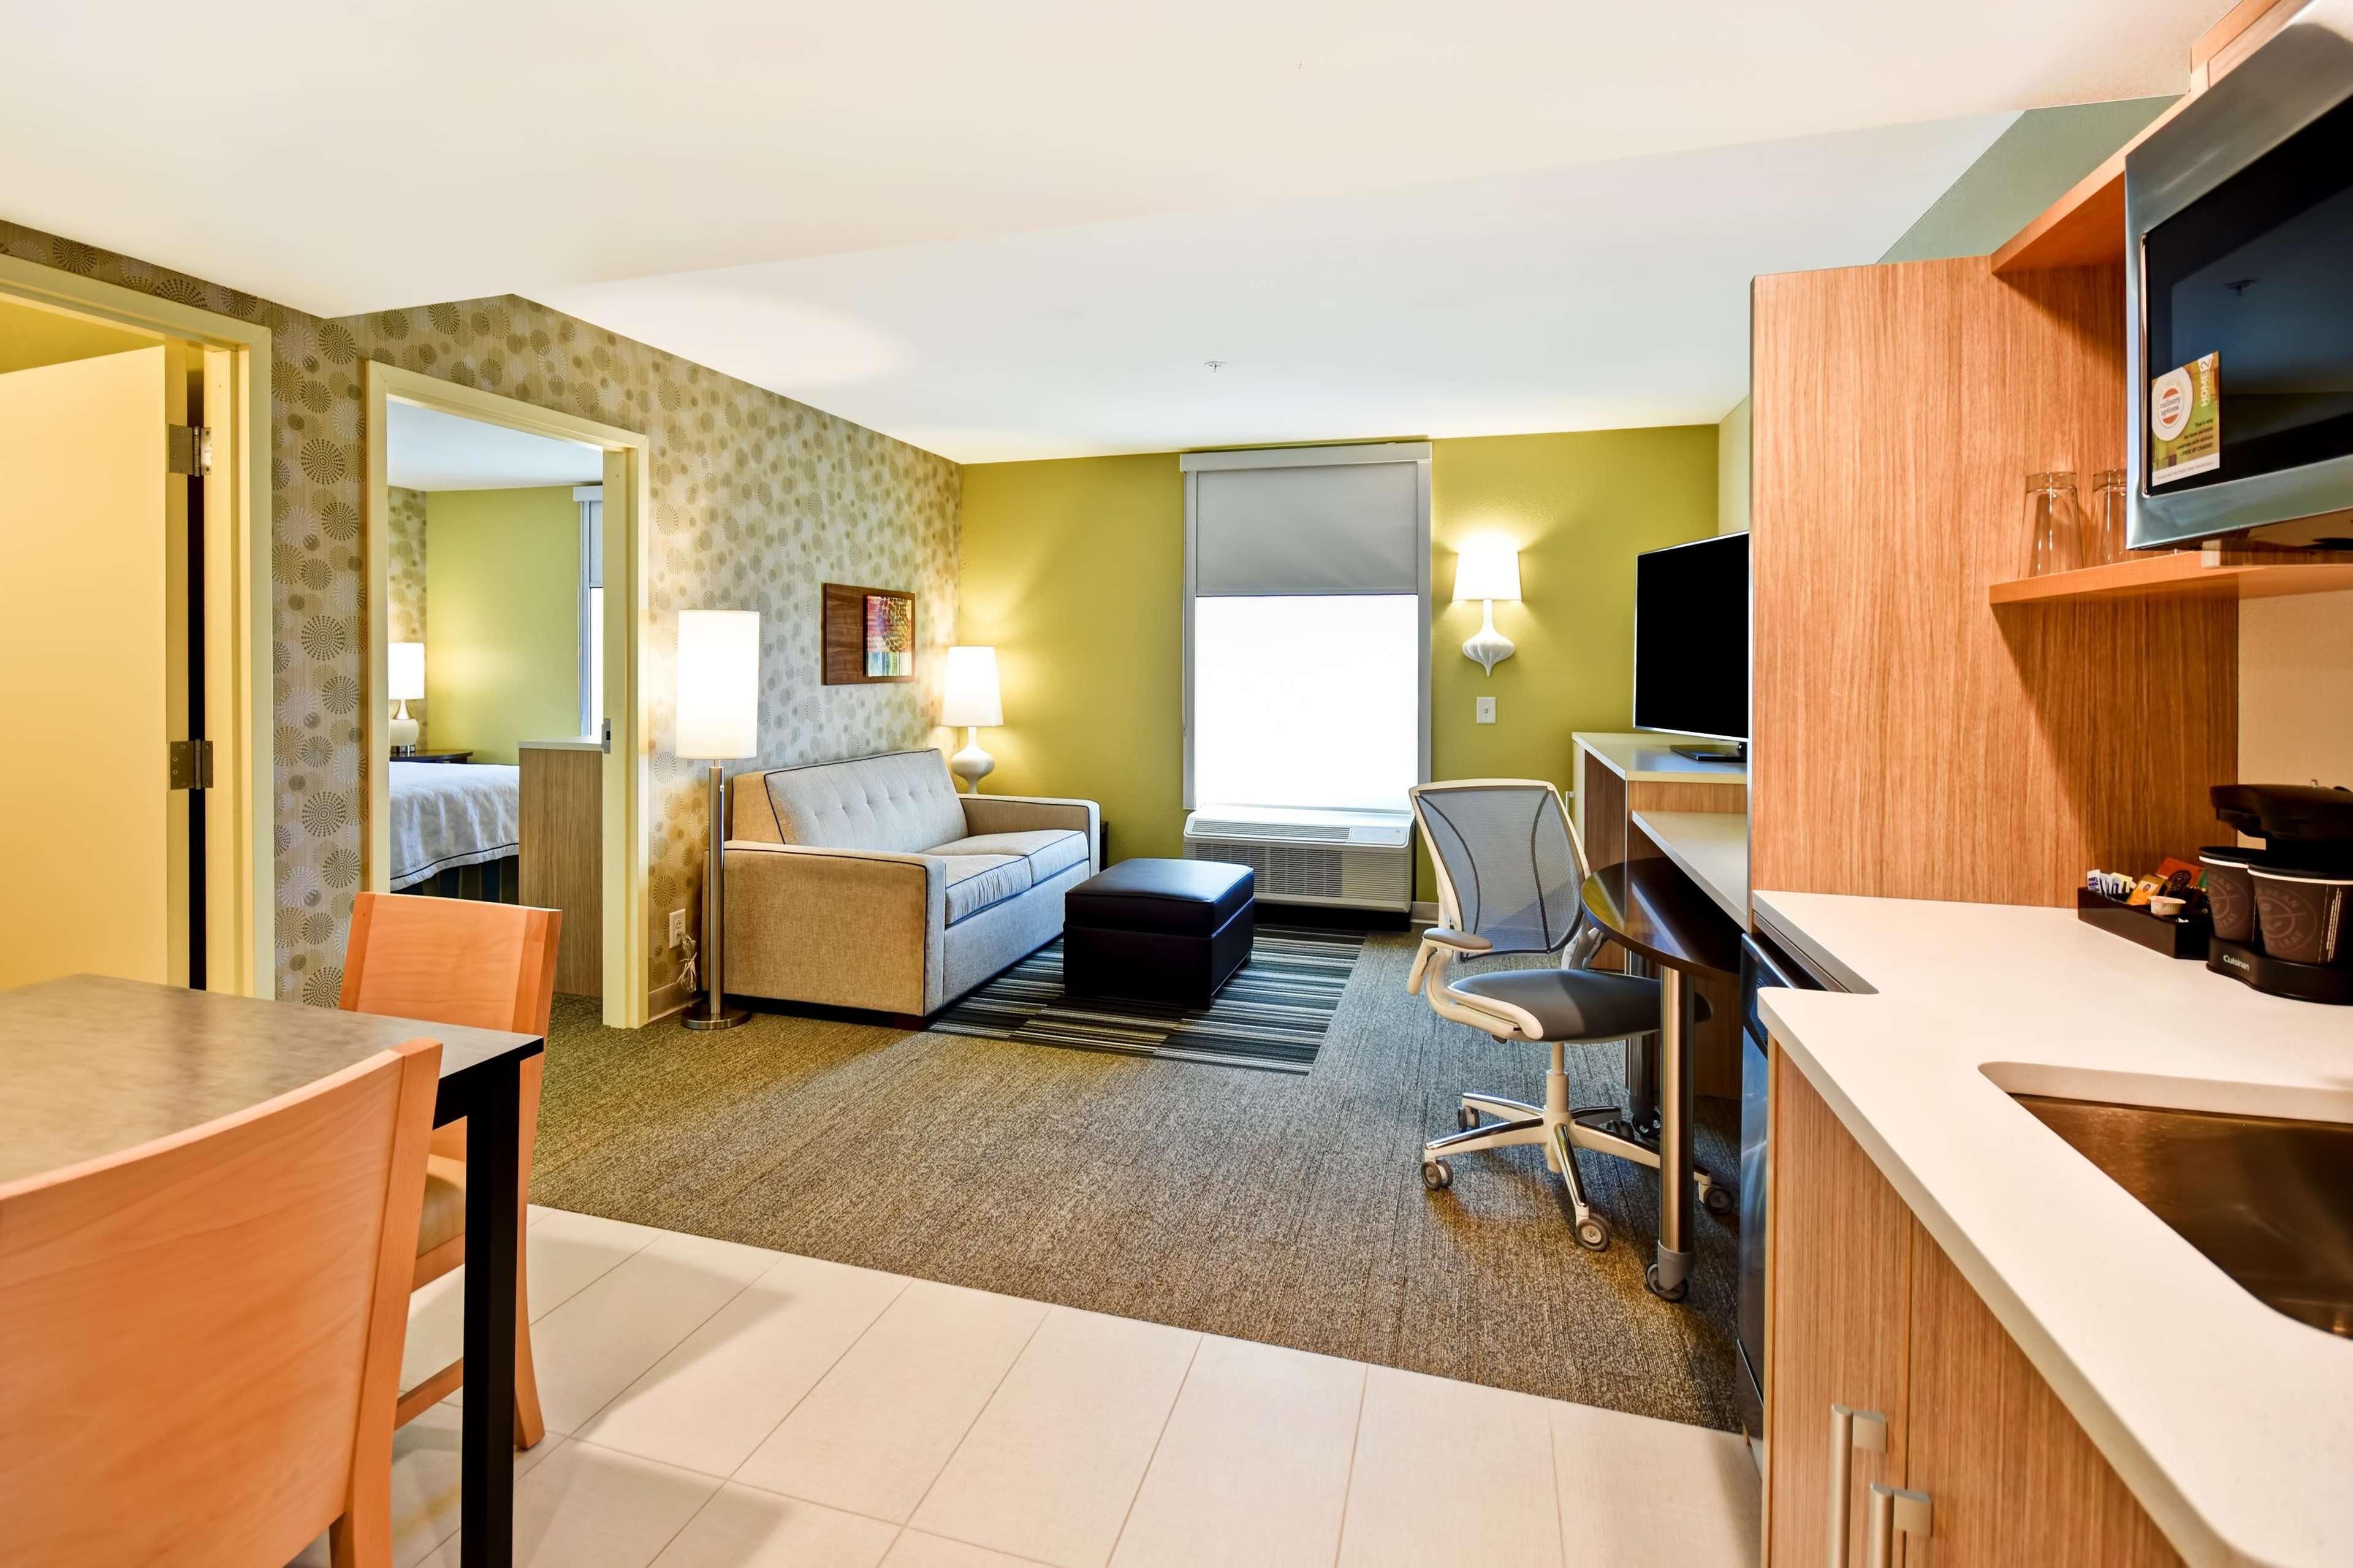 Home2 Suites by Hilton Smyrna Nashville image 0